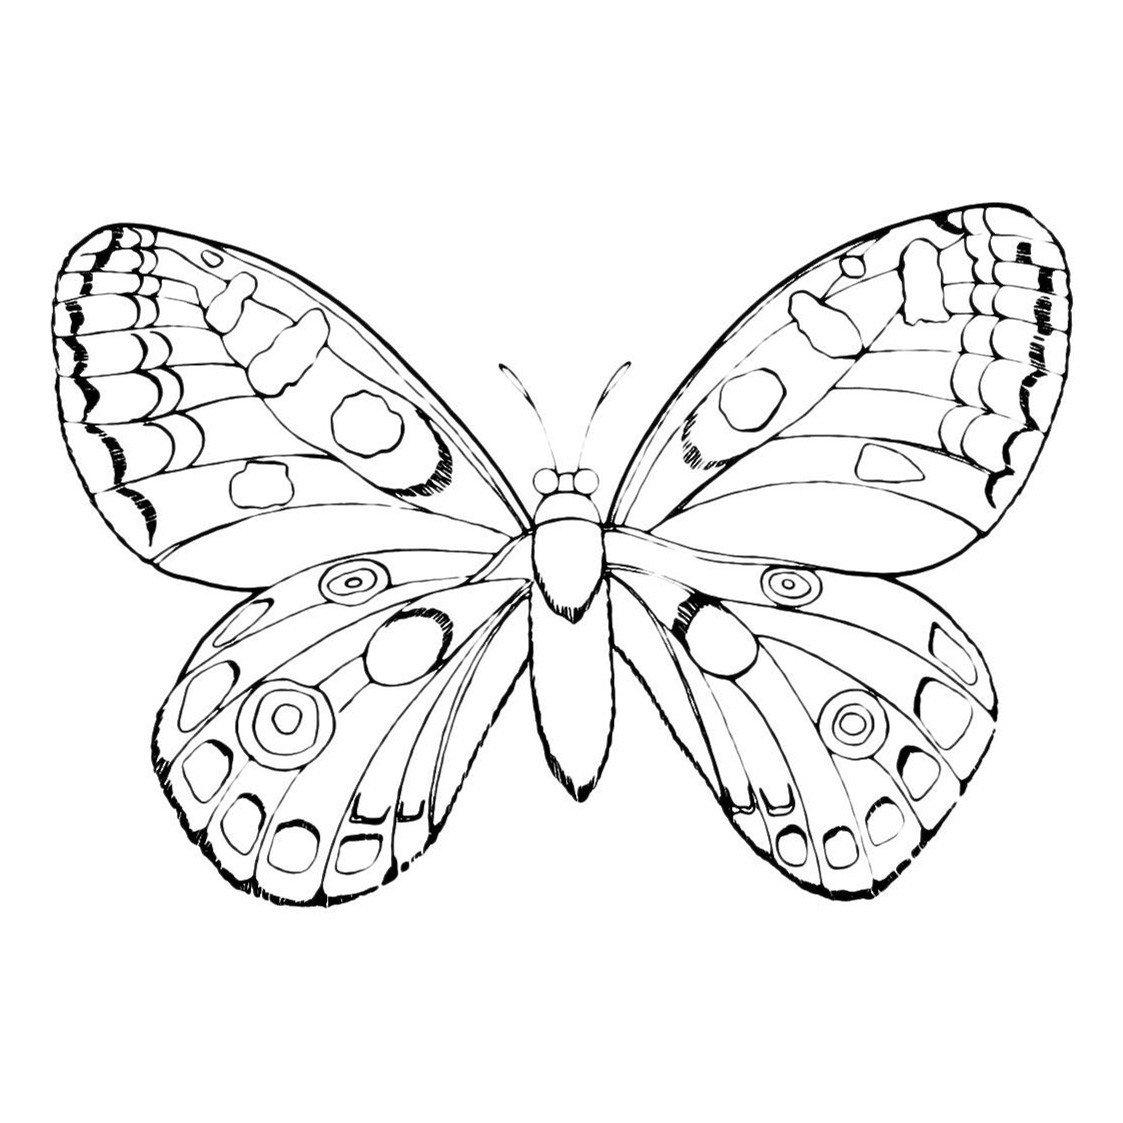 Бабочка в капельку - Картинка для раскрашивания красками-гуашью